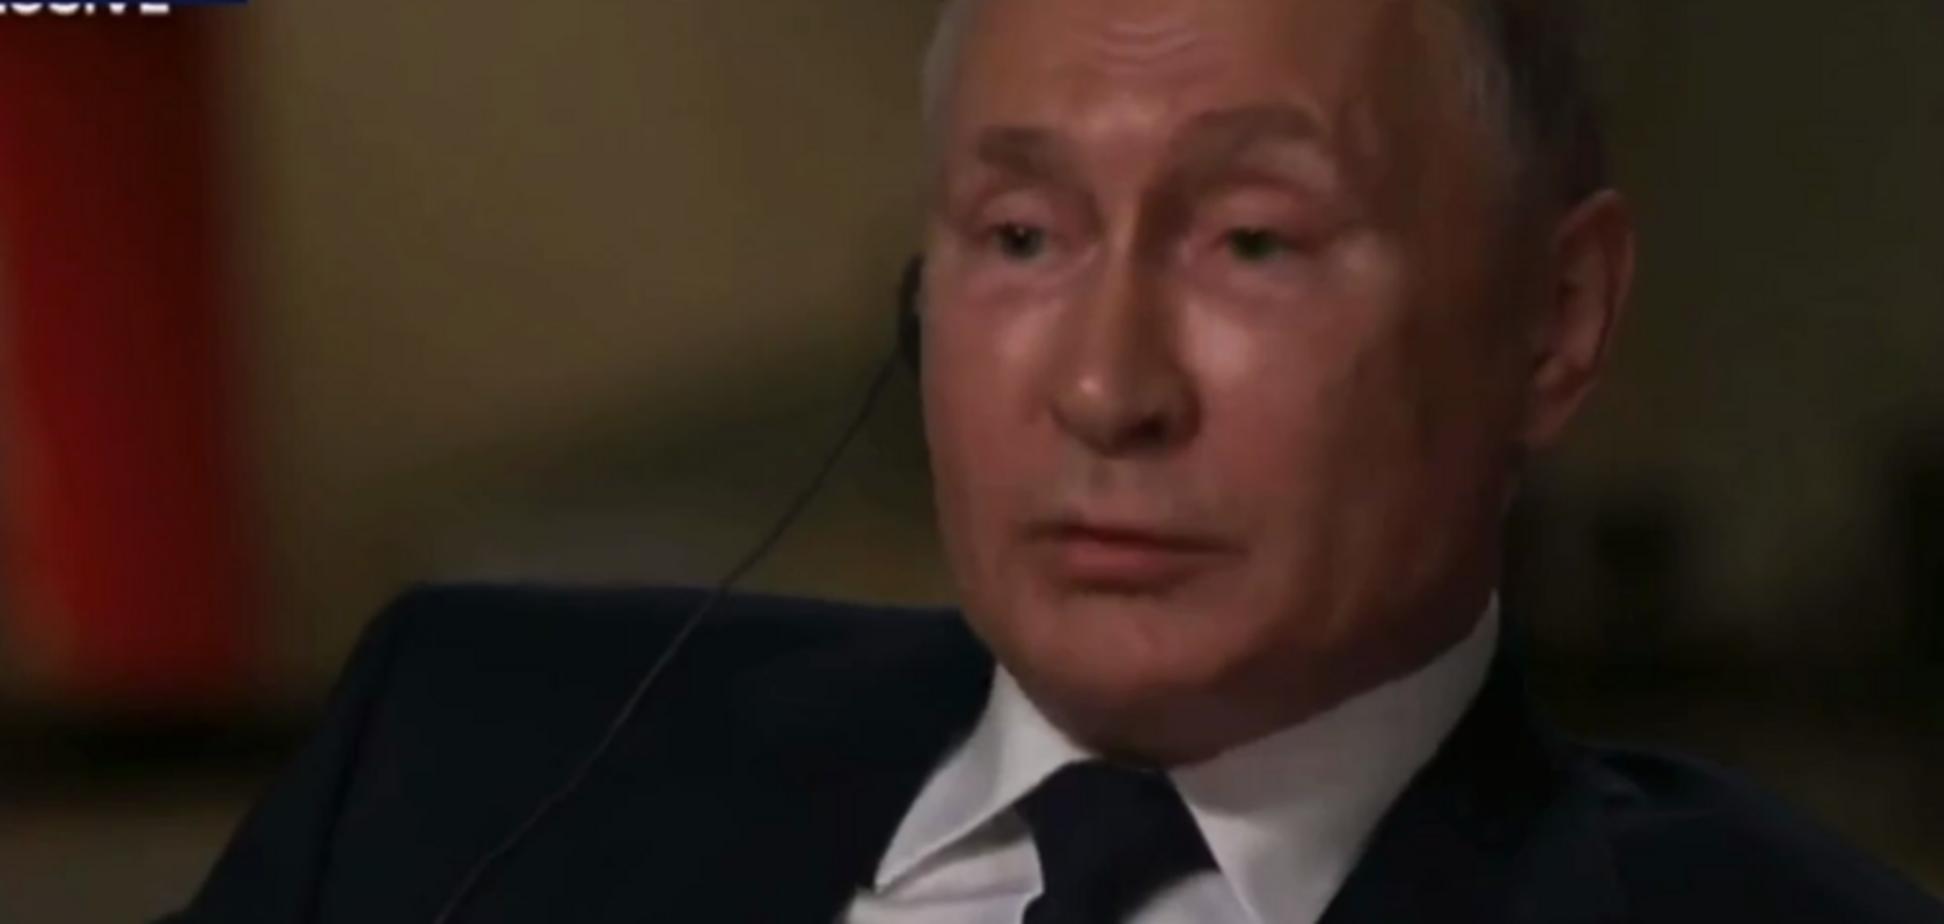 Путина напрямую спросили, убийца ли он, тот ответил